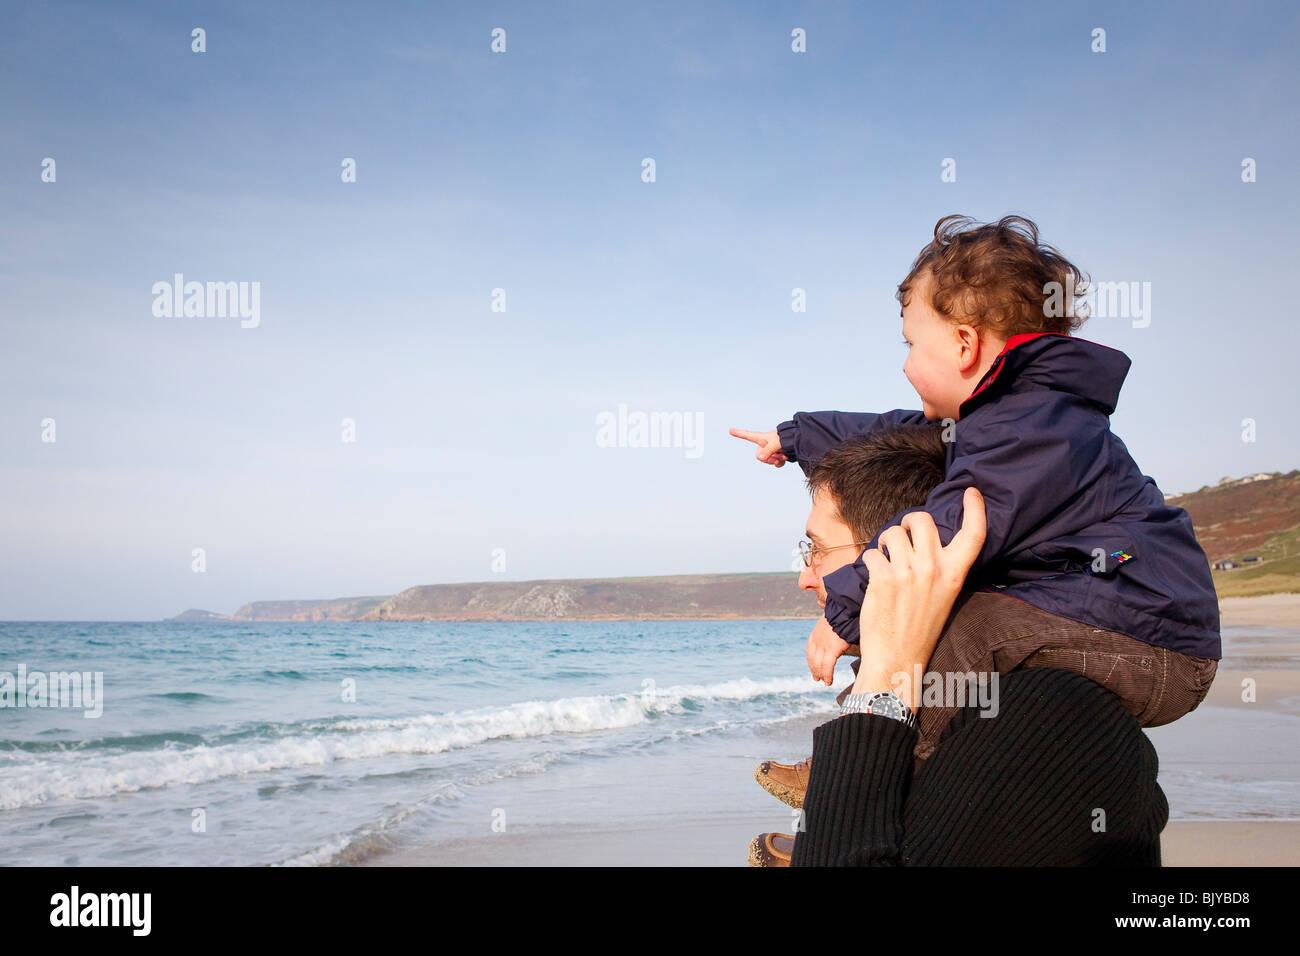 Homme avec enfant sur les épaules à la recherche pour voir. Pointage de l'enfant. Photo Stock